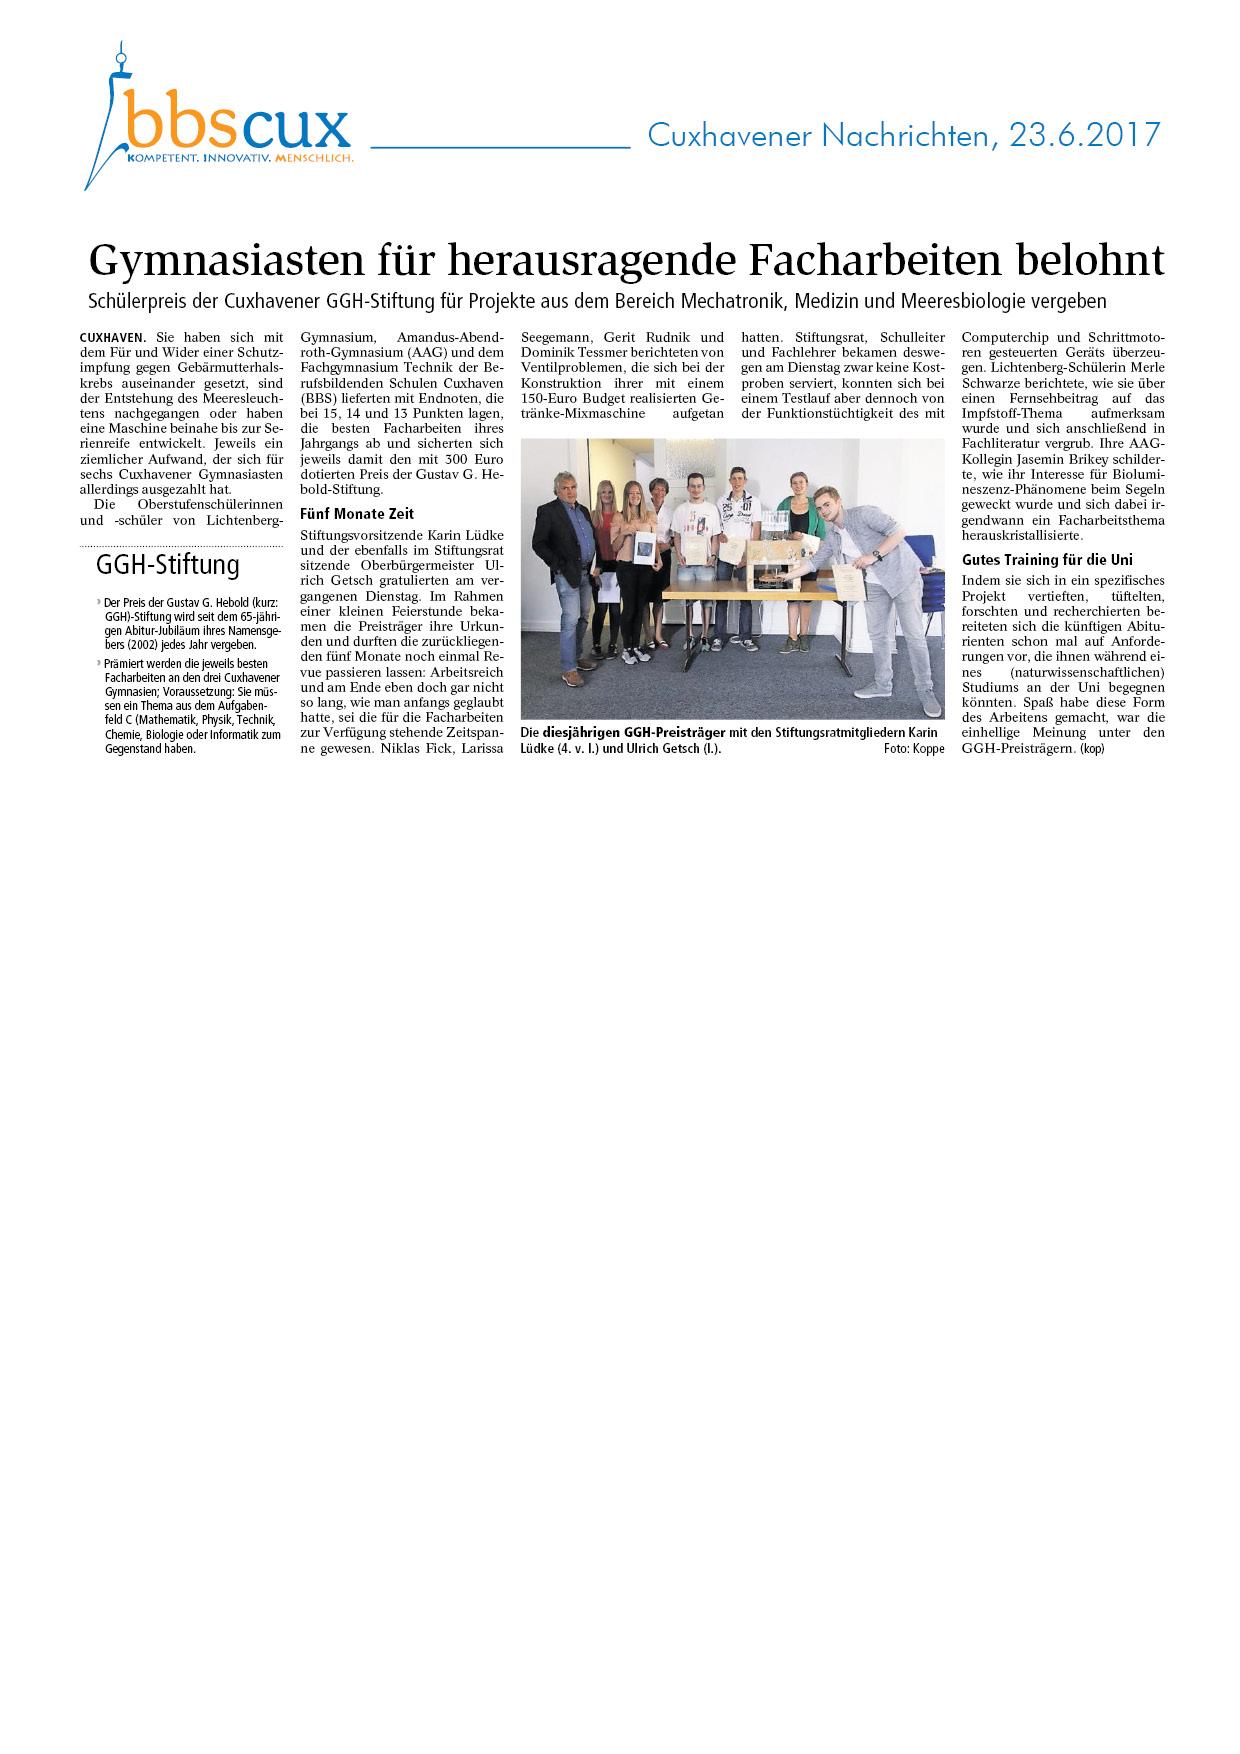 Cuxhavener Nachrichten vom 23.6.2017.